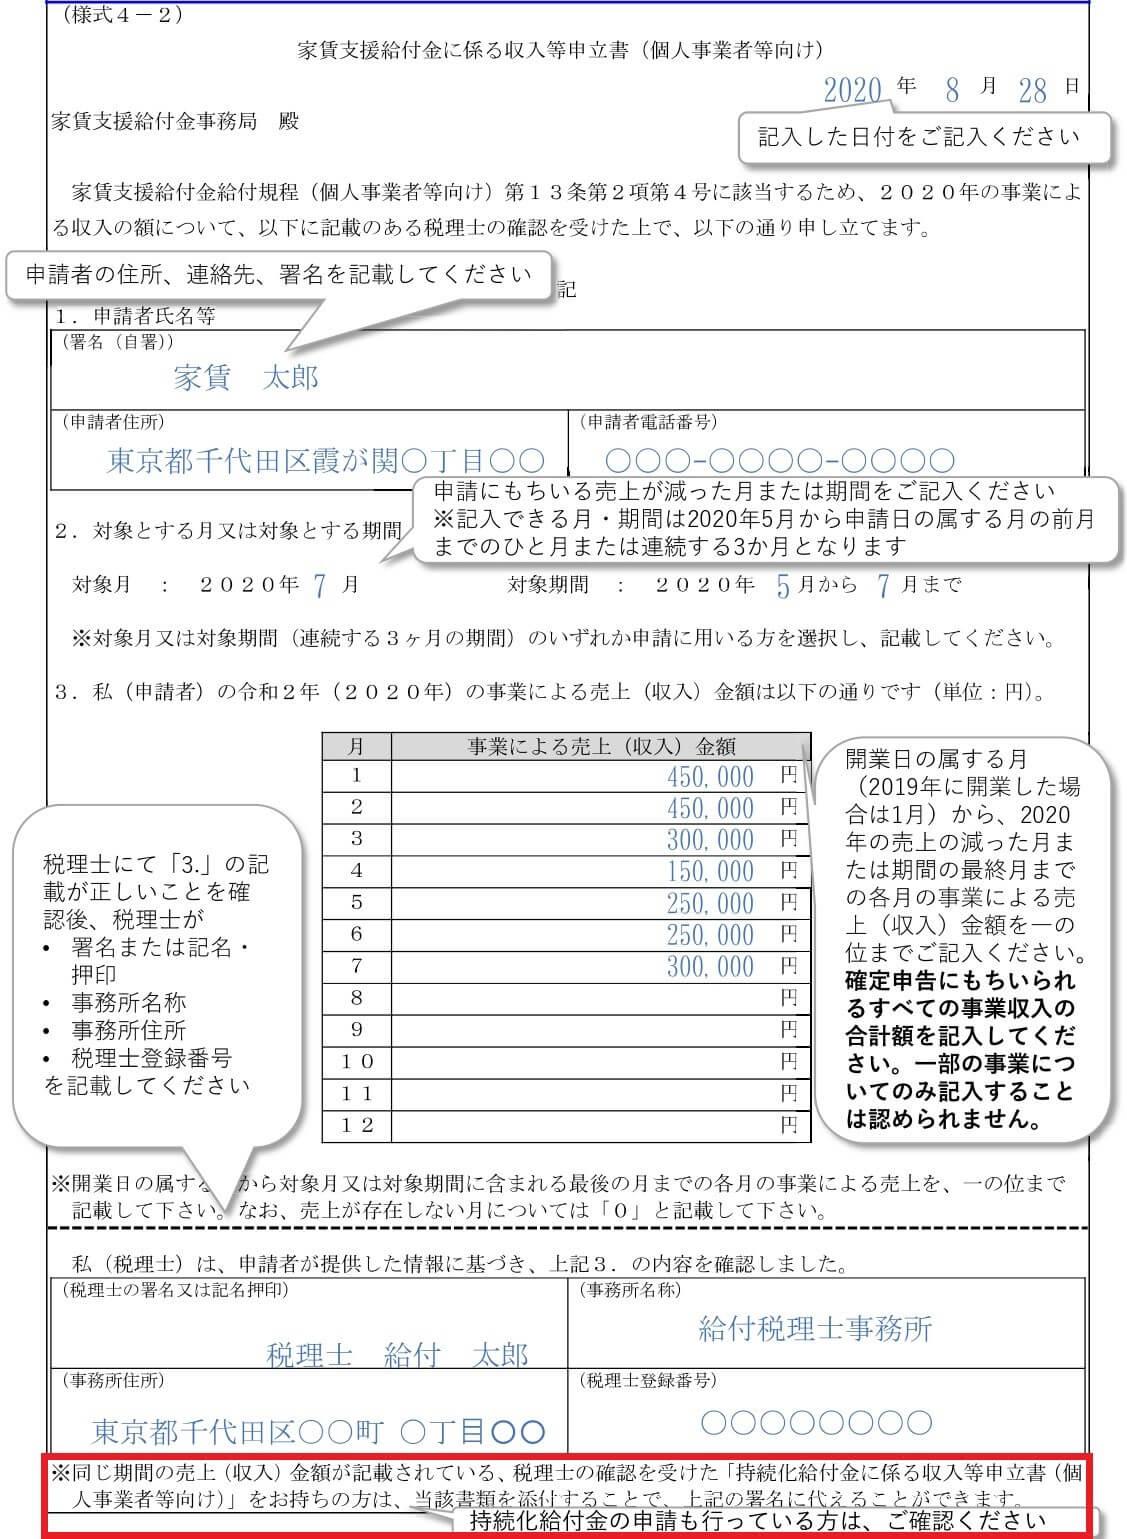 大阪 家賃 支援 給付 金